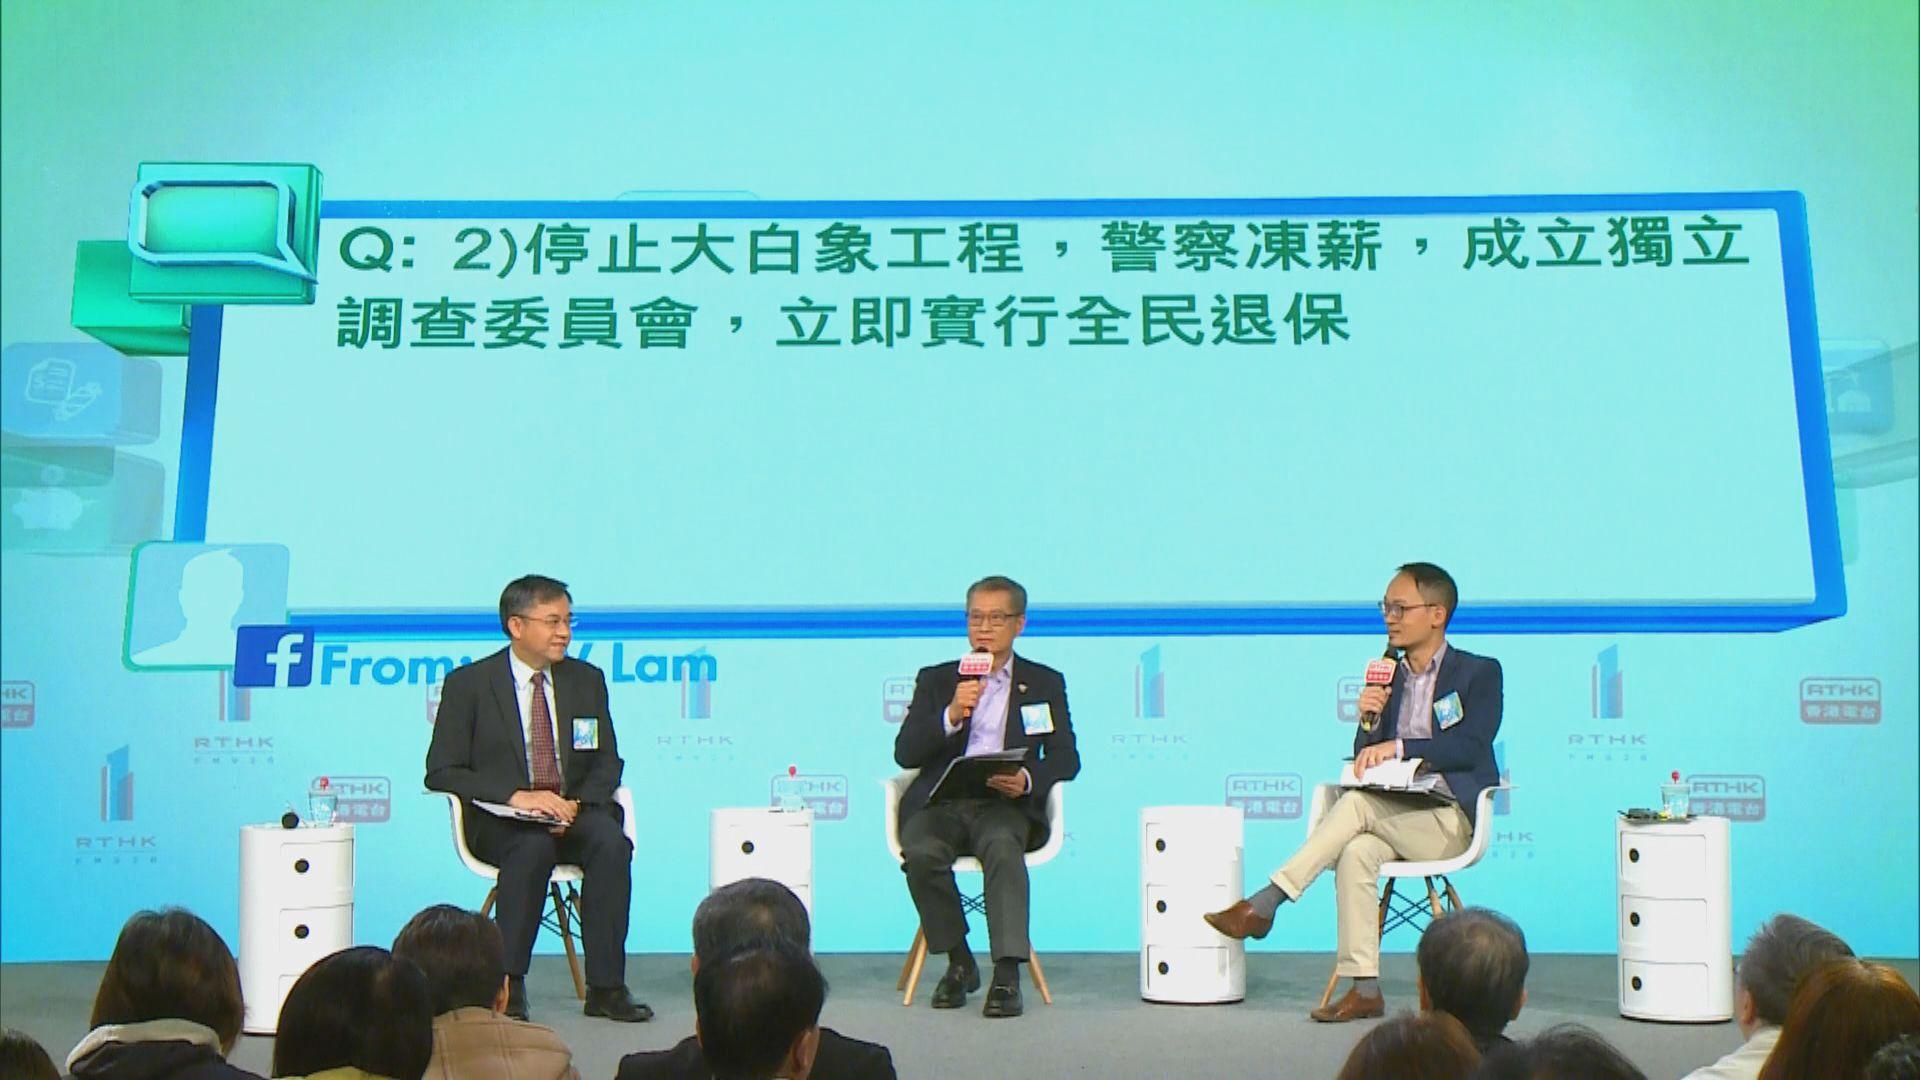 陳茂波表示尚在考慮會否全民派錢